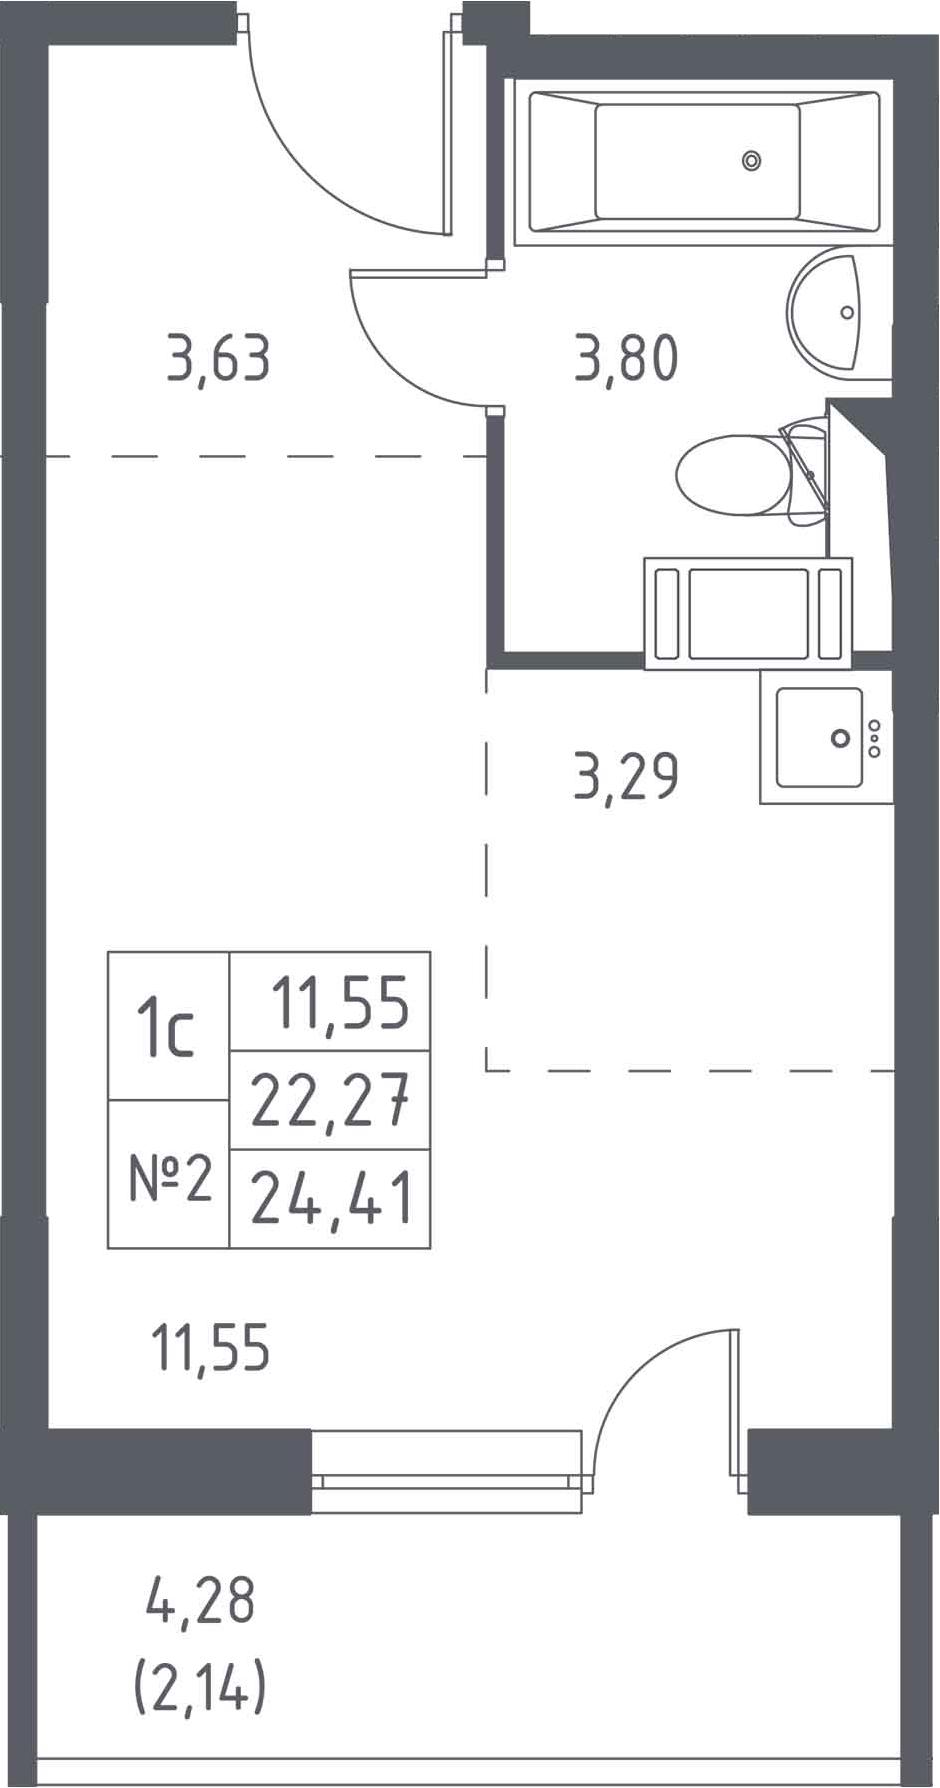 Студия, 24.41 м², 3 этаж